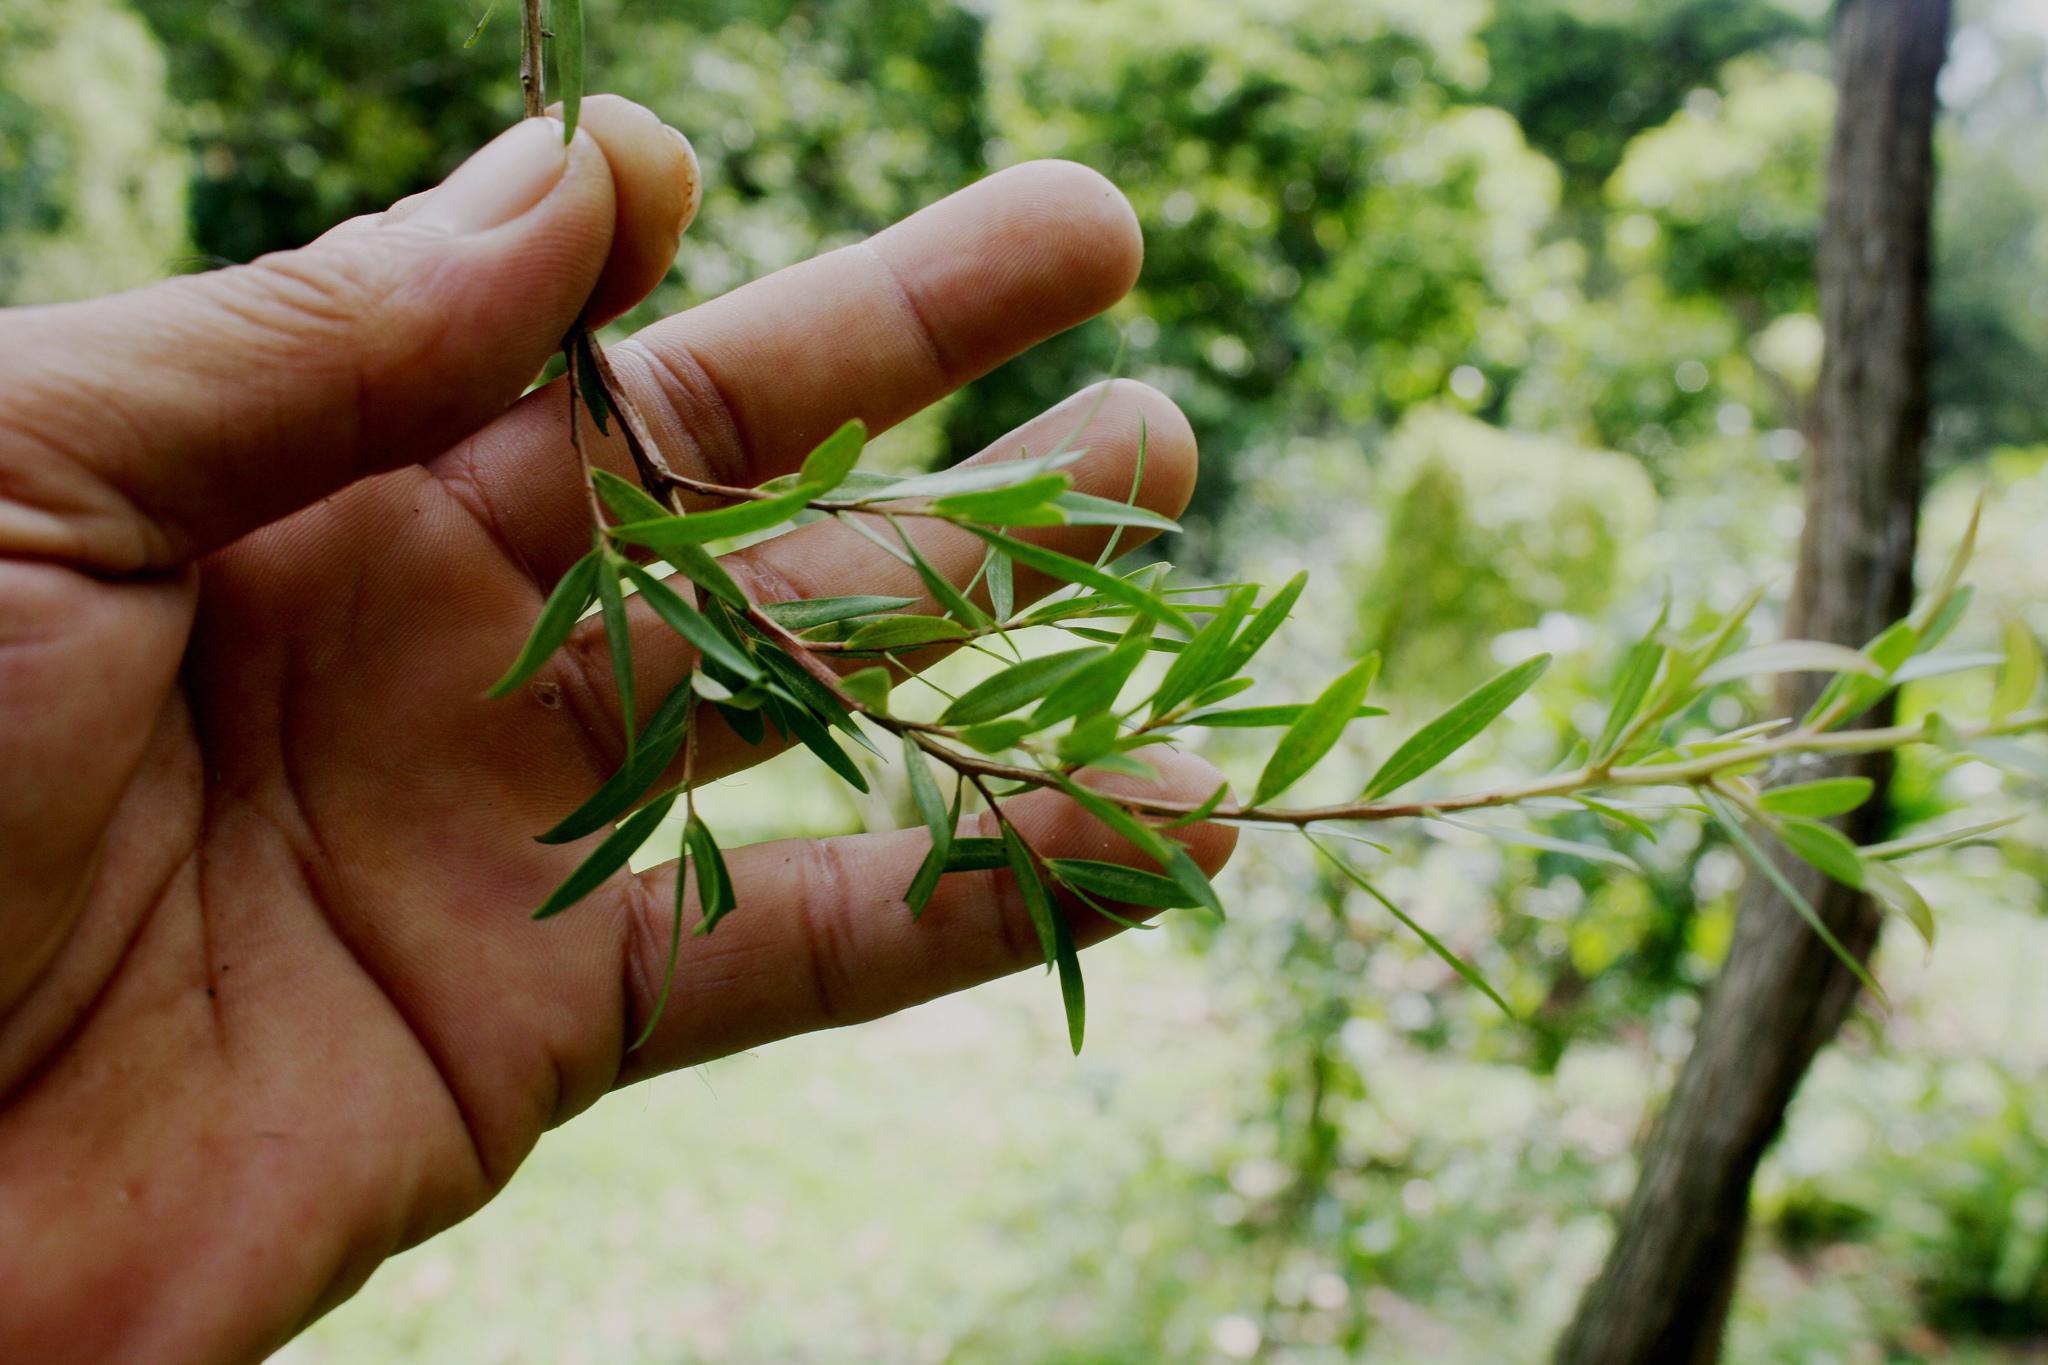 cajevac biljka grana list ruka